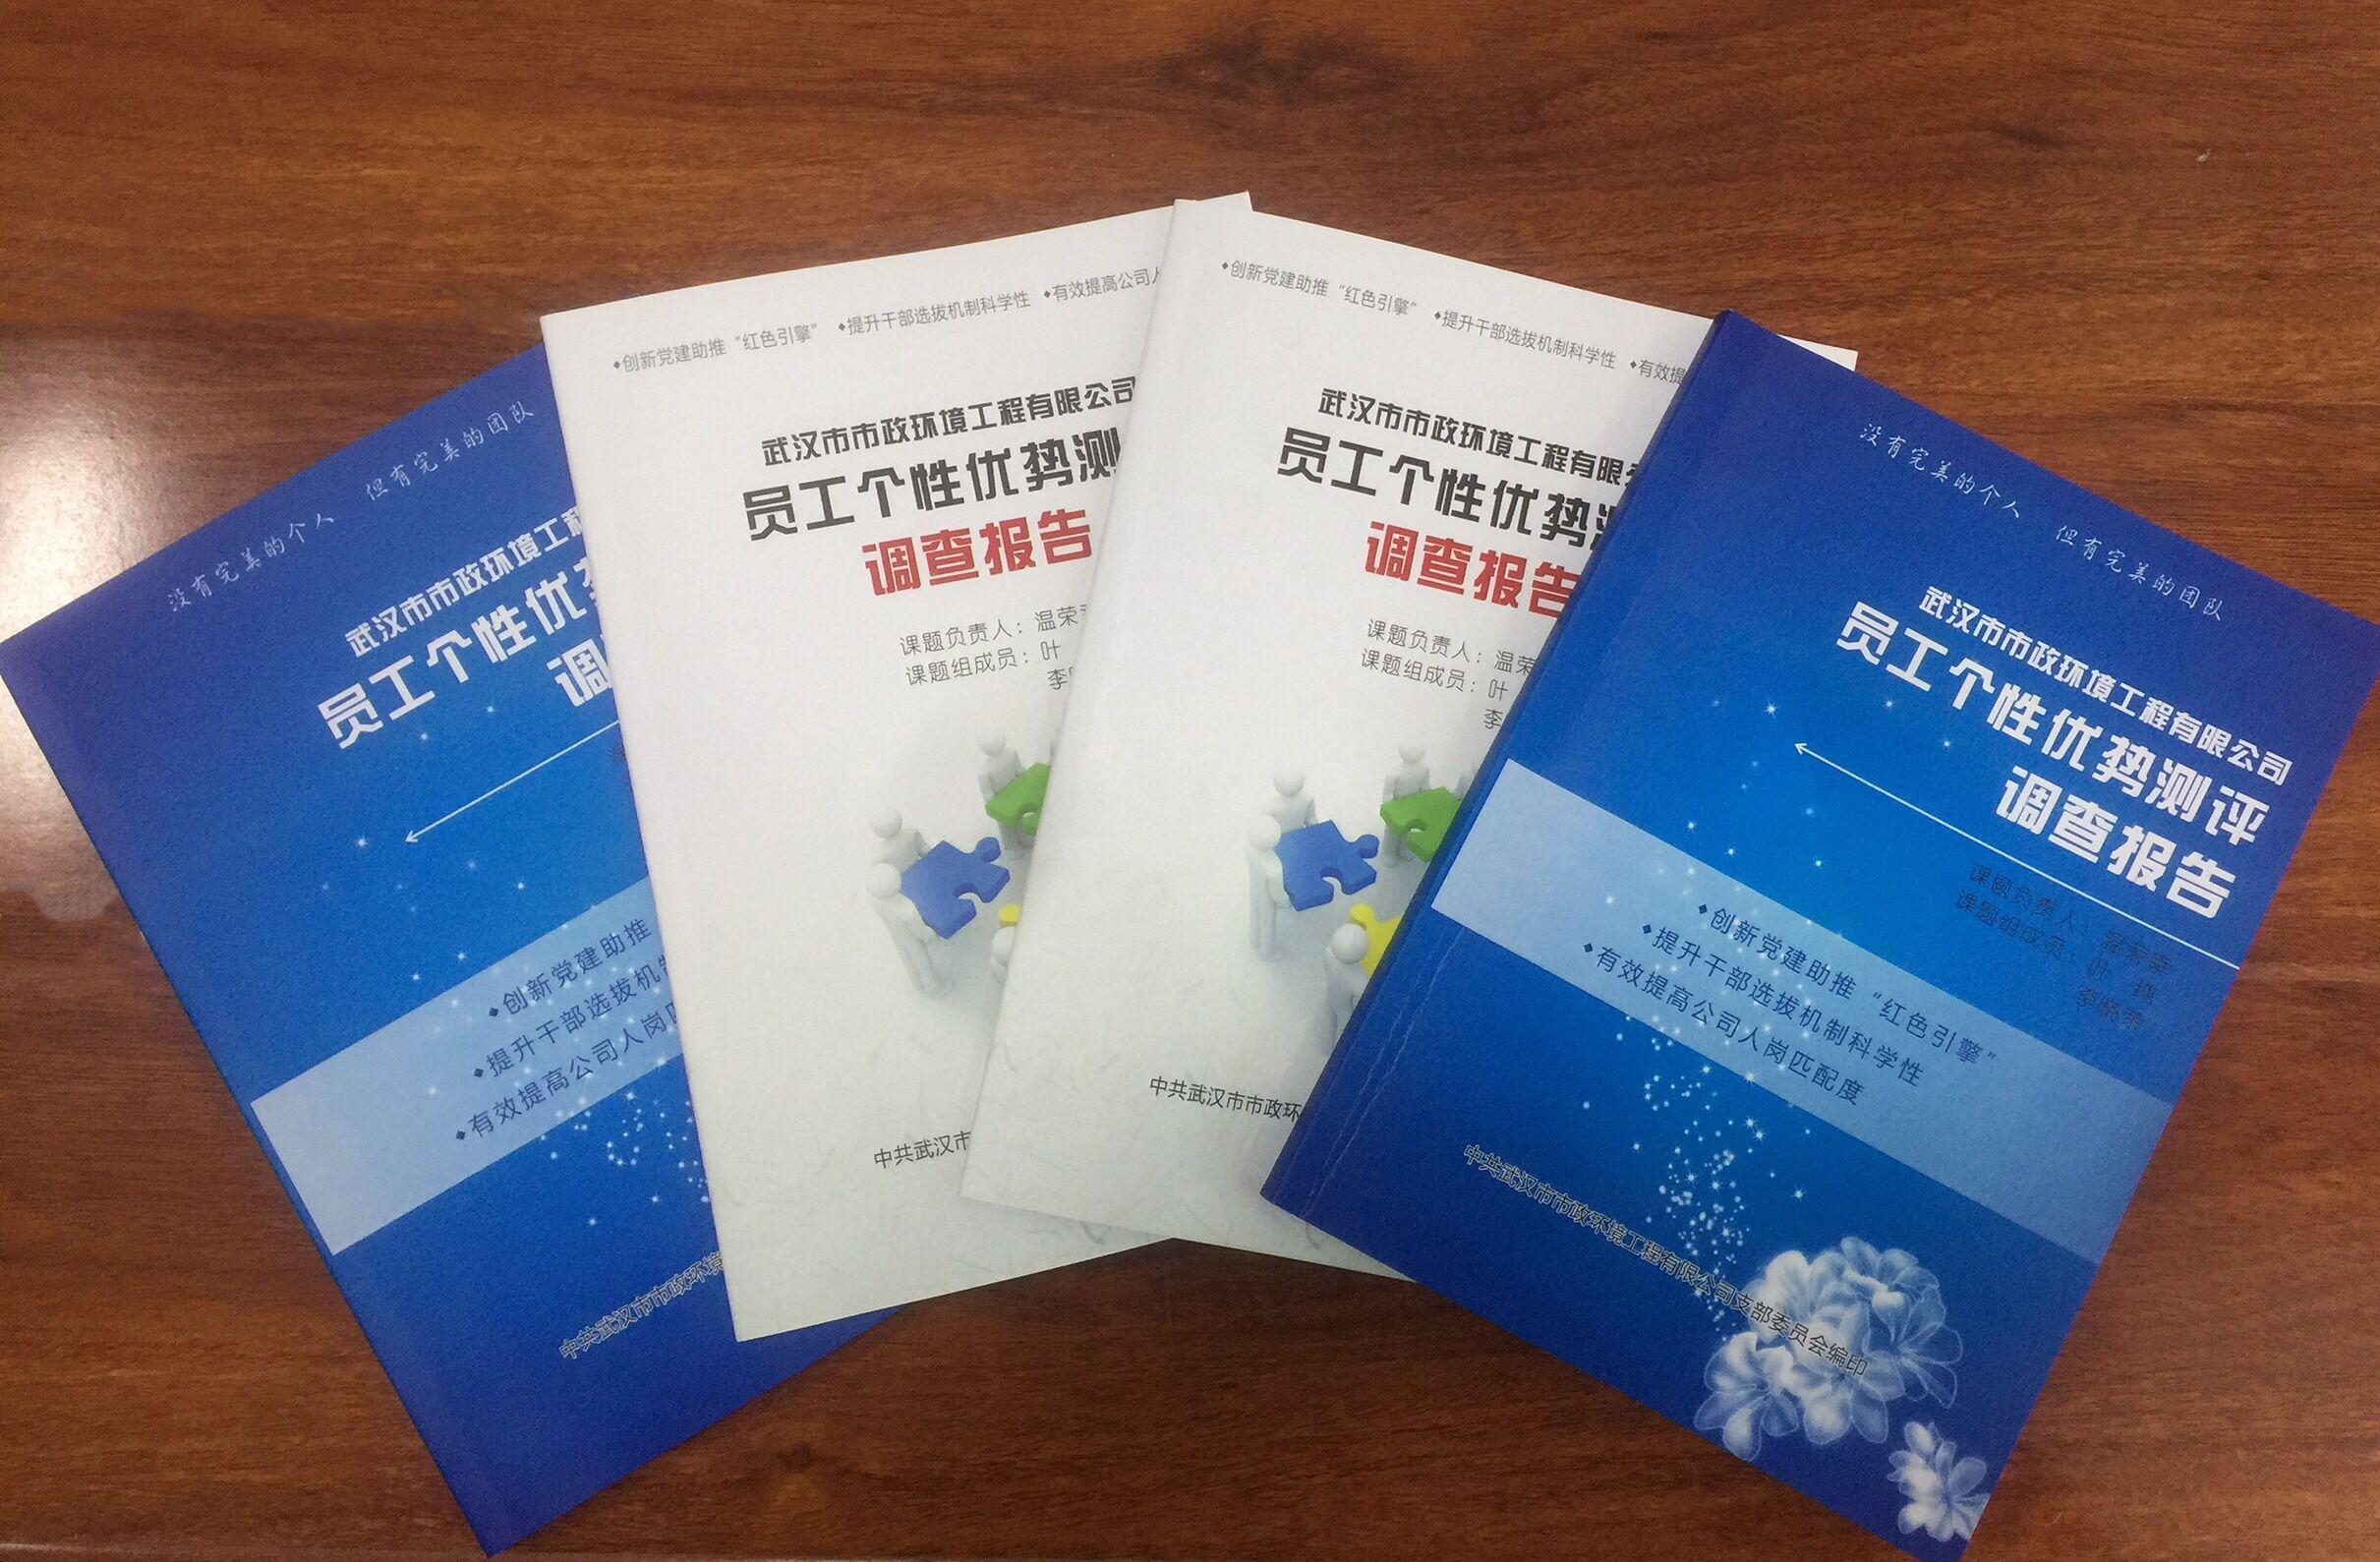 环境企业《员工个性优势测评调查报告》出炉(杨琼摄).jpg